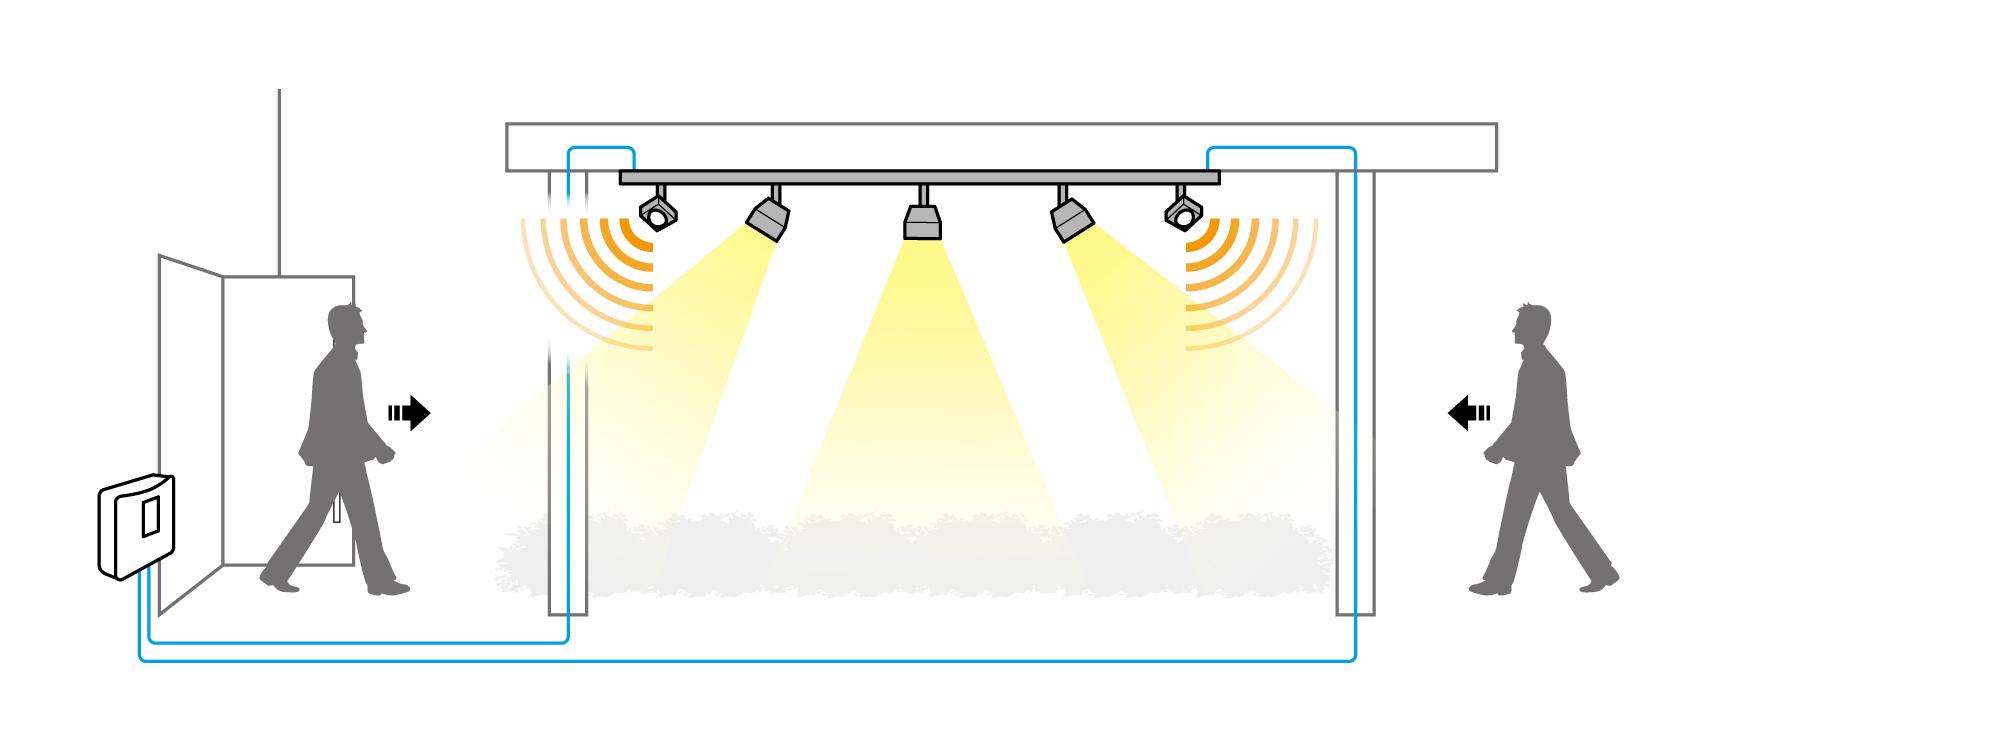 ローボルトレールの両端に取り付けた人感センサー付きフィードインキャップが、多箇所を検知している様子を表す図